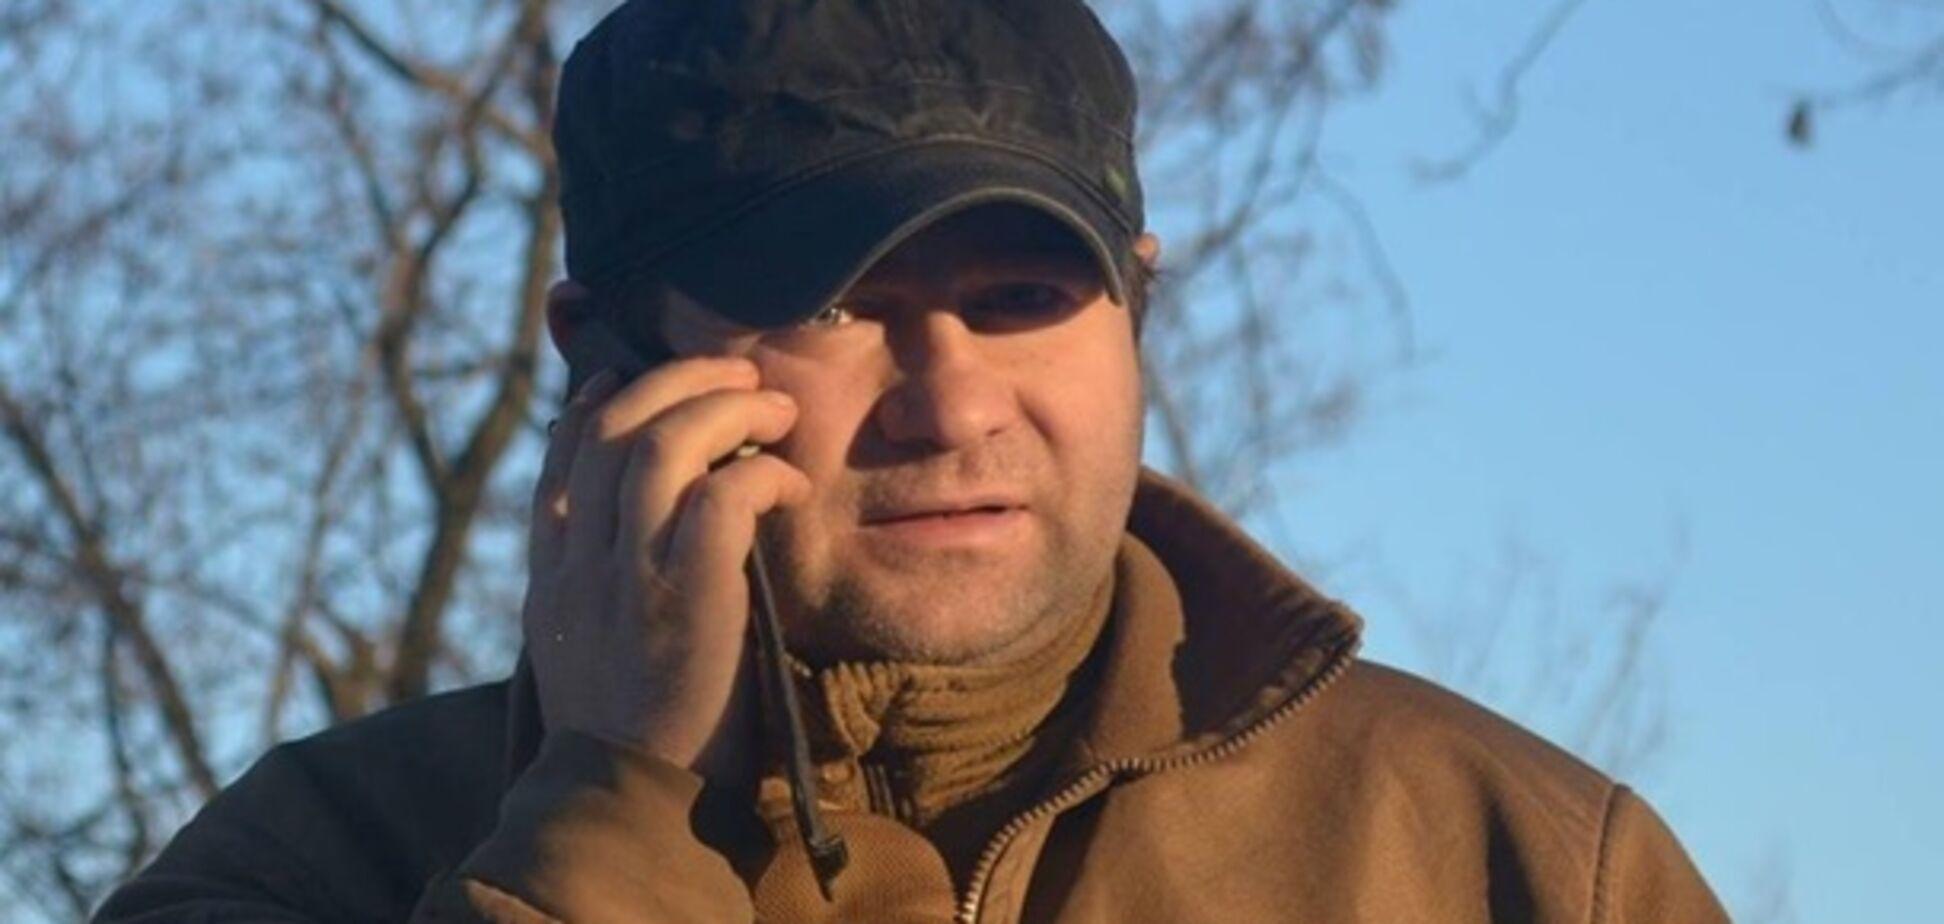 ''Получил квартиру от Пашинского и воровал у Автомайдана'': всплыли скандальные факты об активисте Дзиндзе